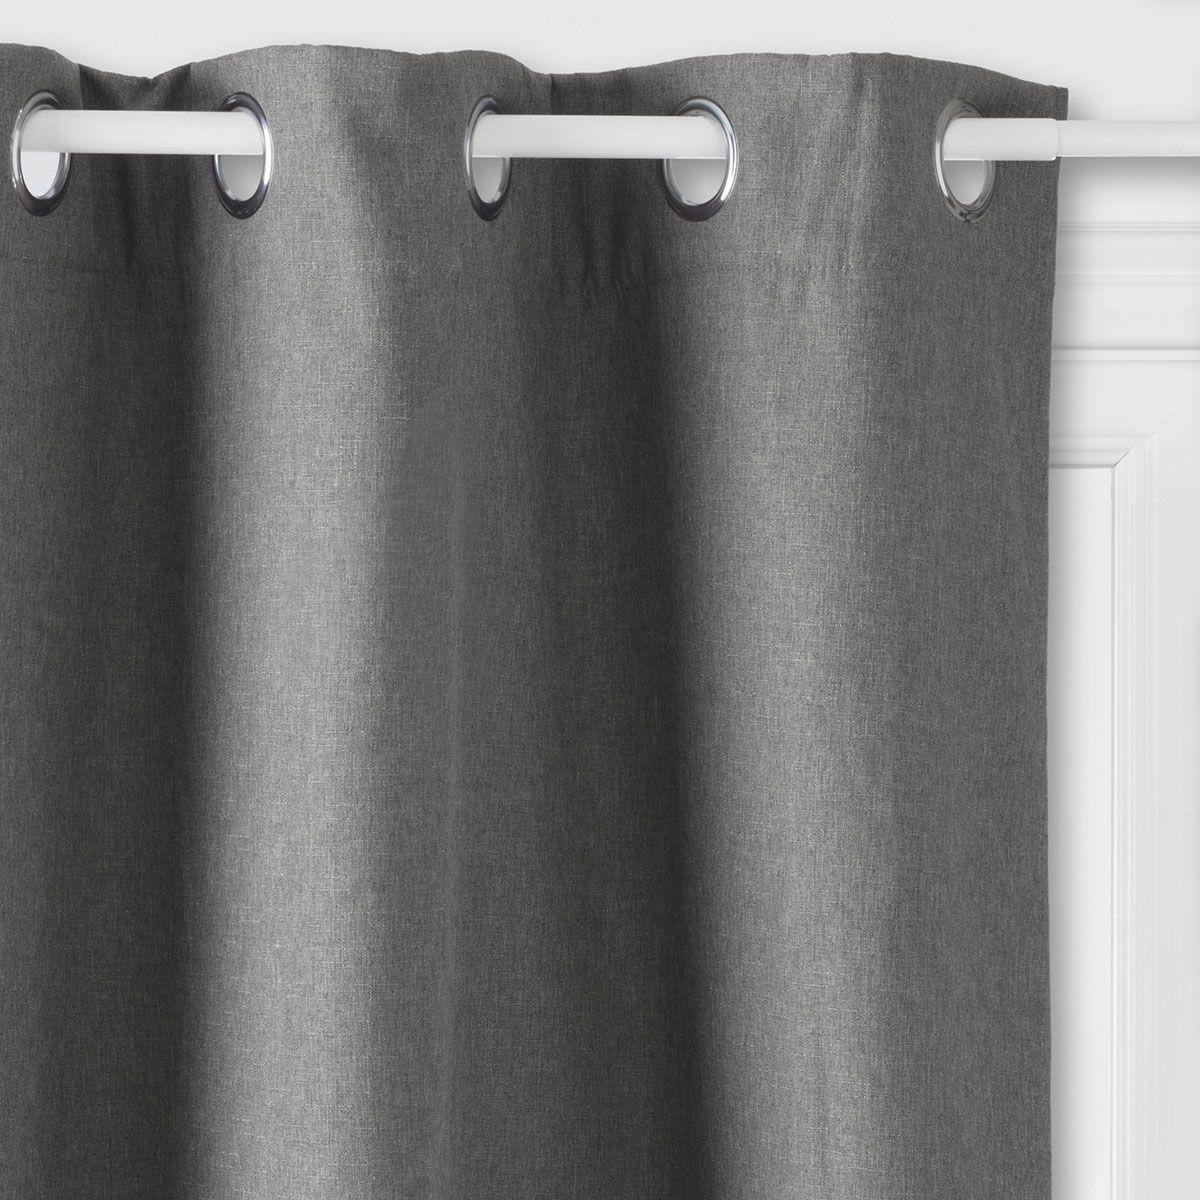 rideau isolant thermique et phonique gris rideau pas cher kalico